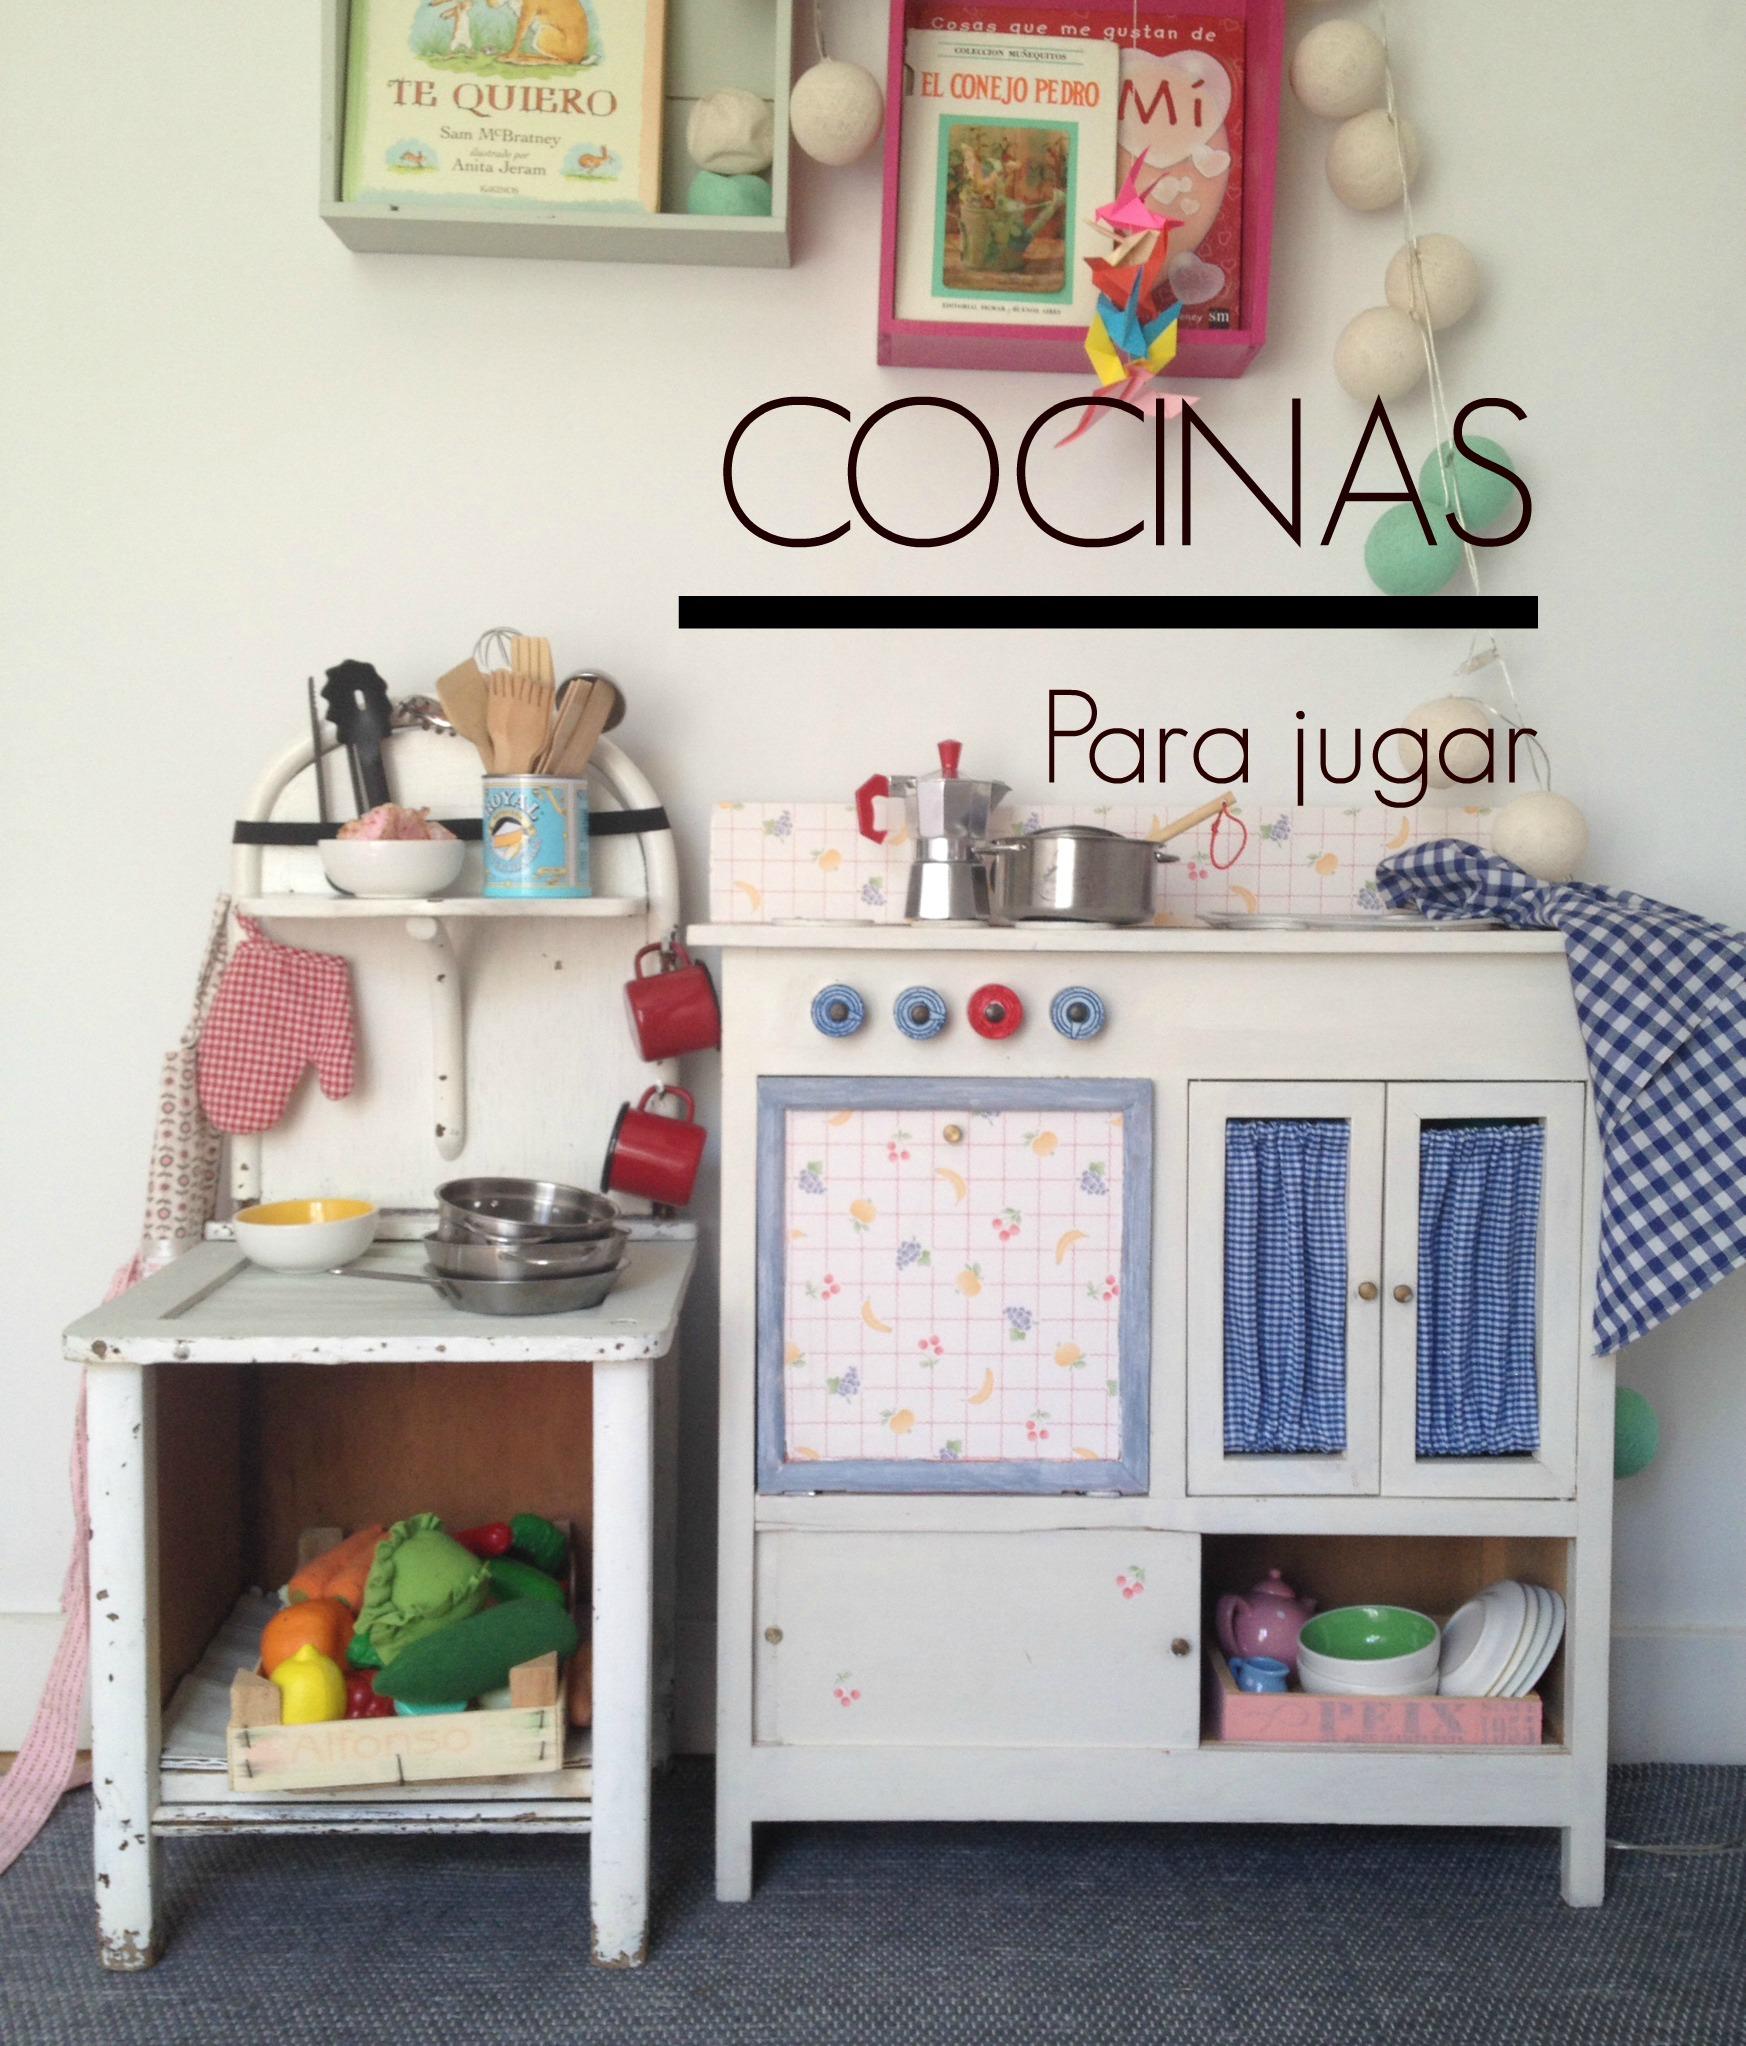 Cocinitas pepitaliving - Cocinas hechas a mano ...